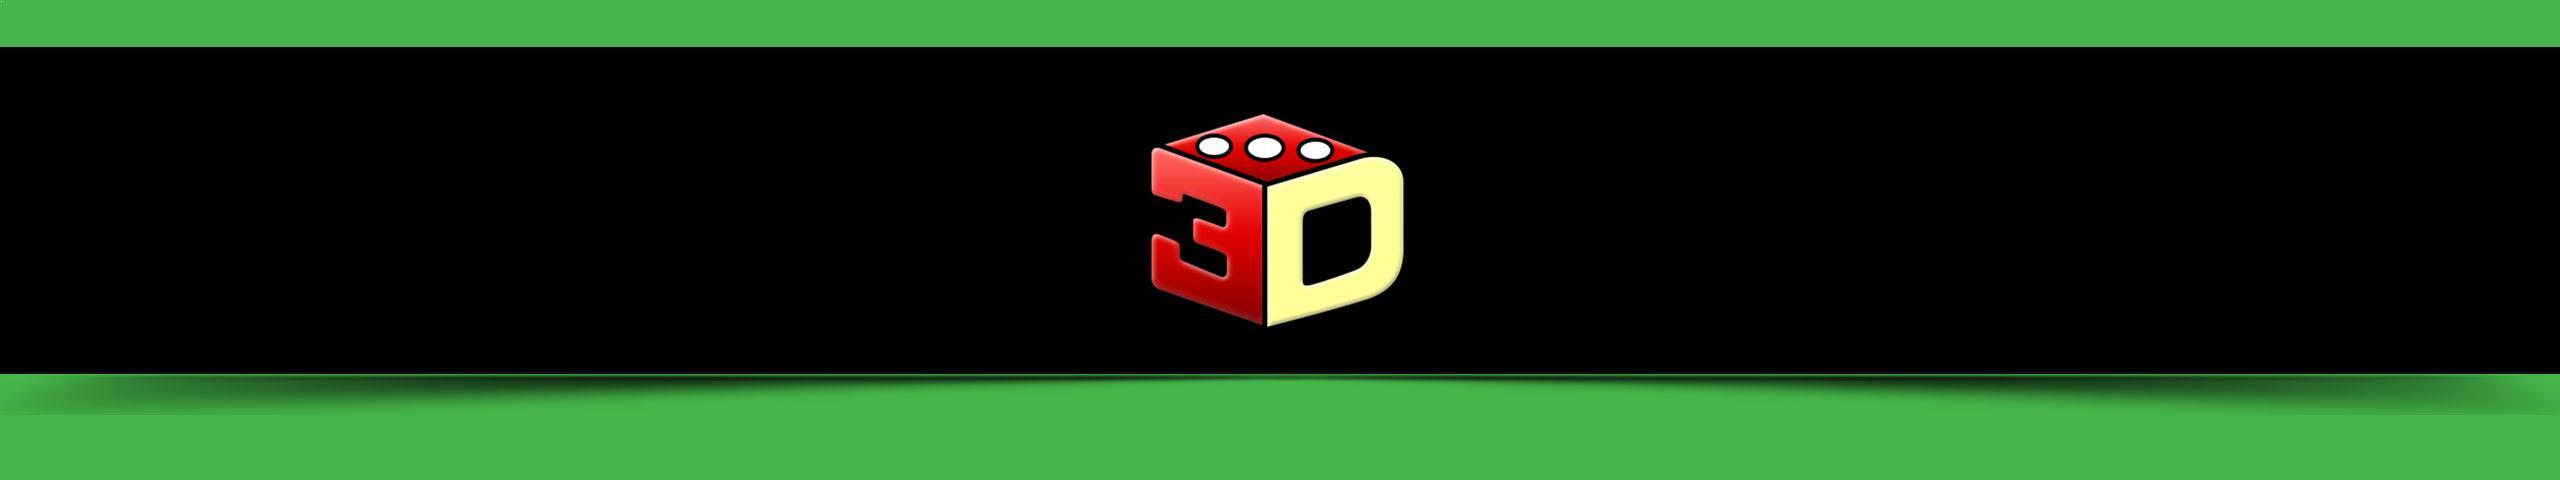 Vizualizarea Cazinoului 3Dice - Multabafta.com Slider